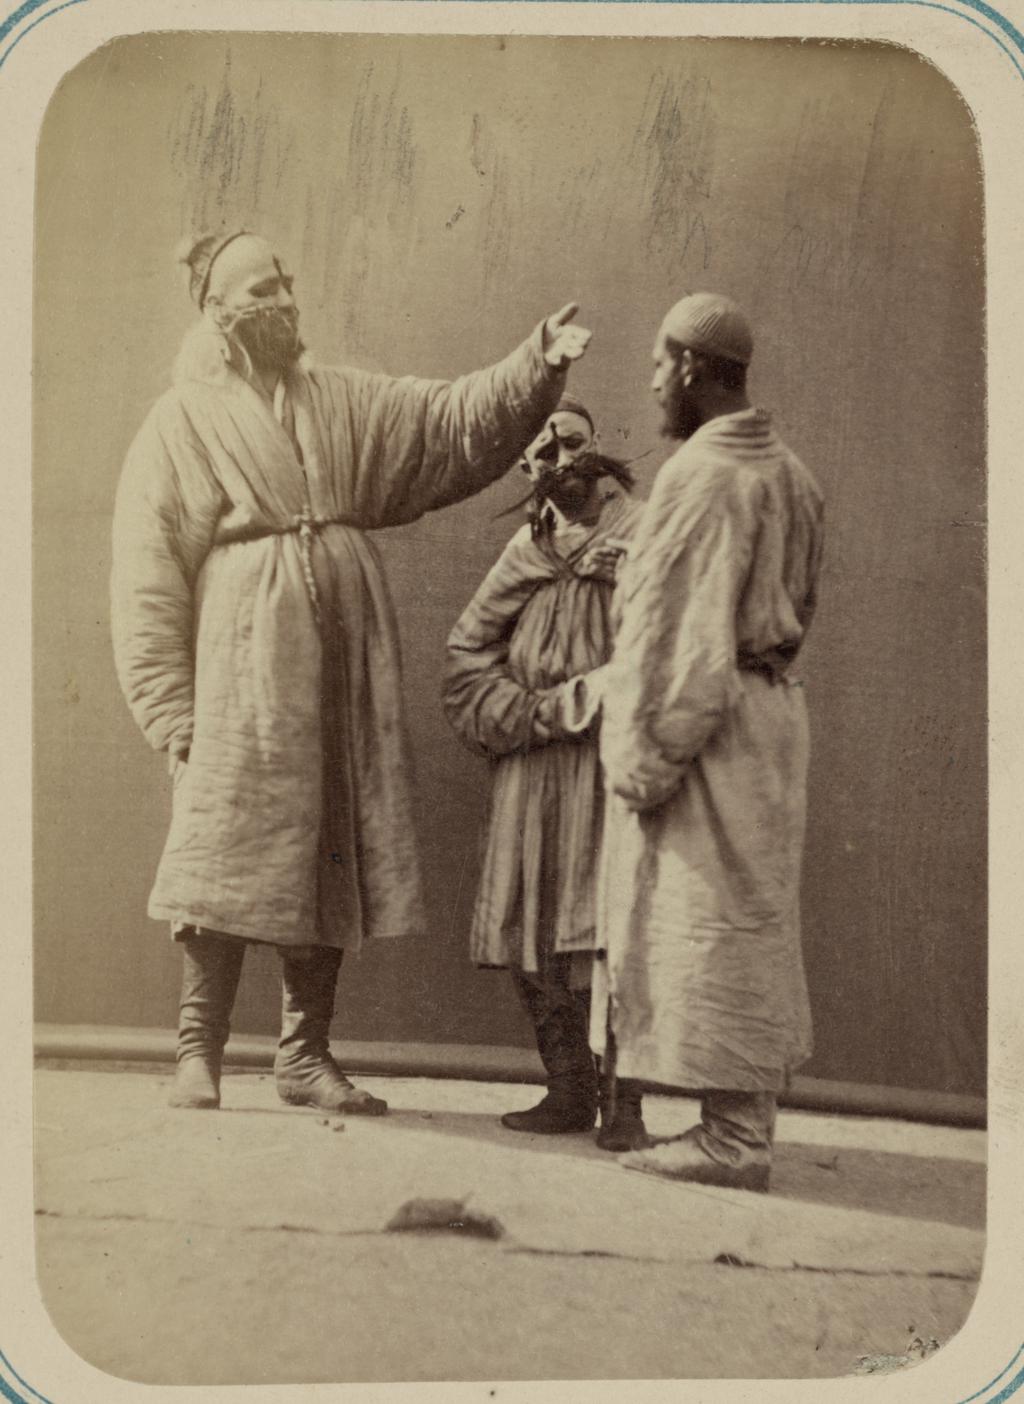 Трое мужчин, в том числе двое масхара-базу, или артистов развлекательного жанра, с раскрашенными лицами и накладными бородами